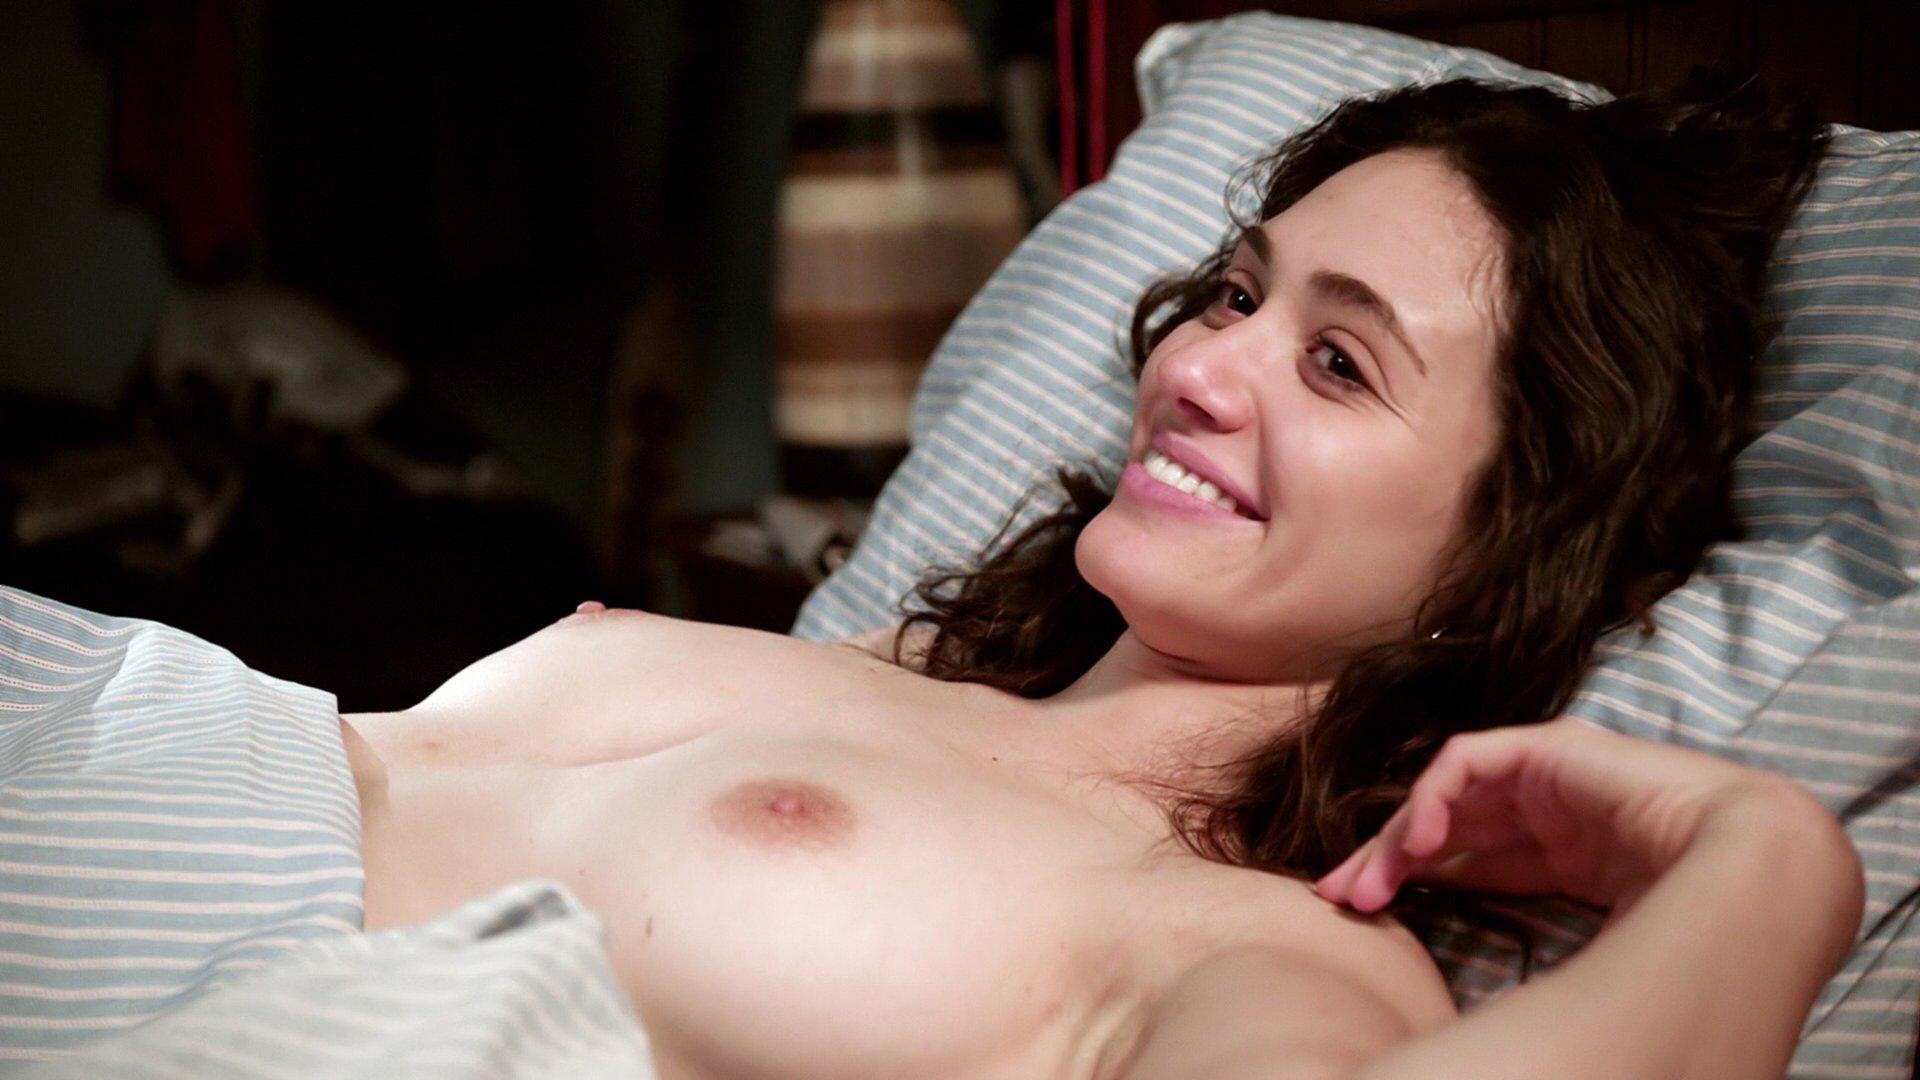 Shameless girl nude